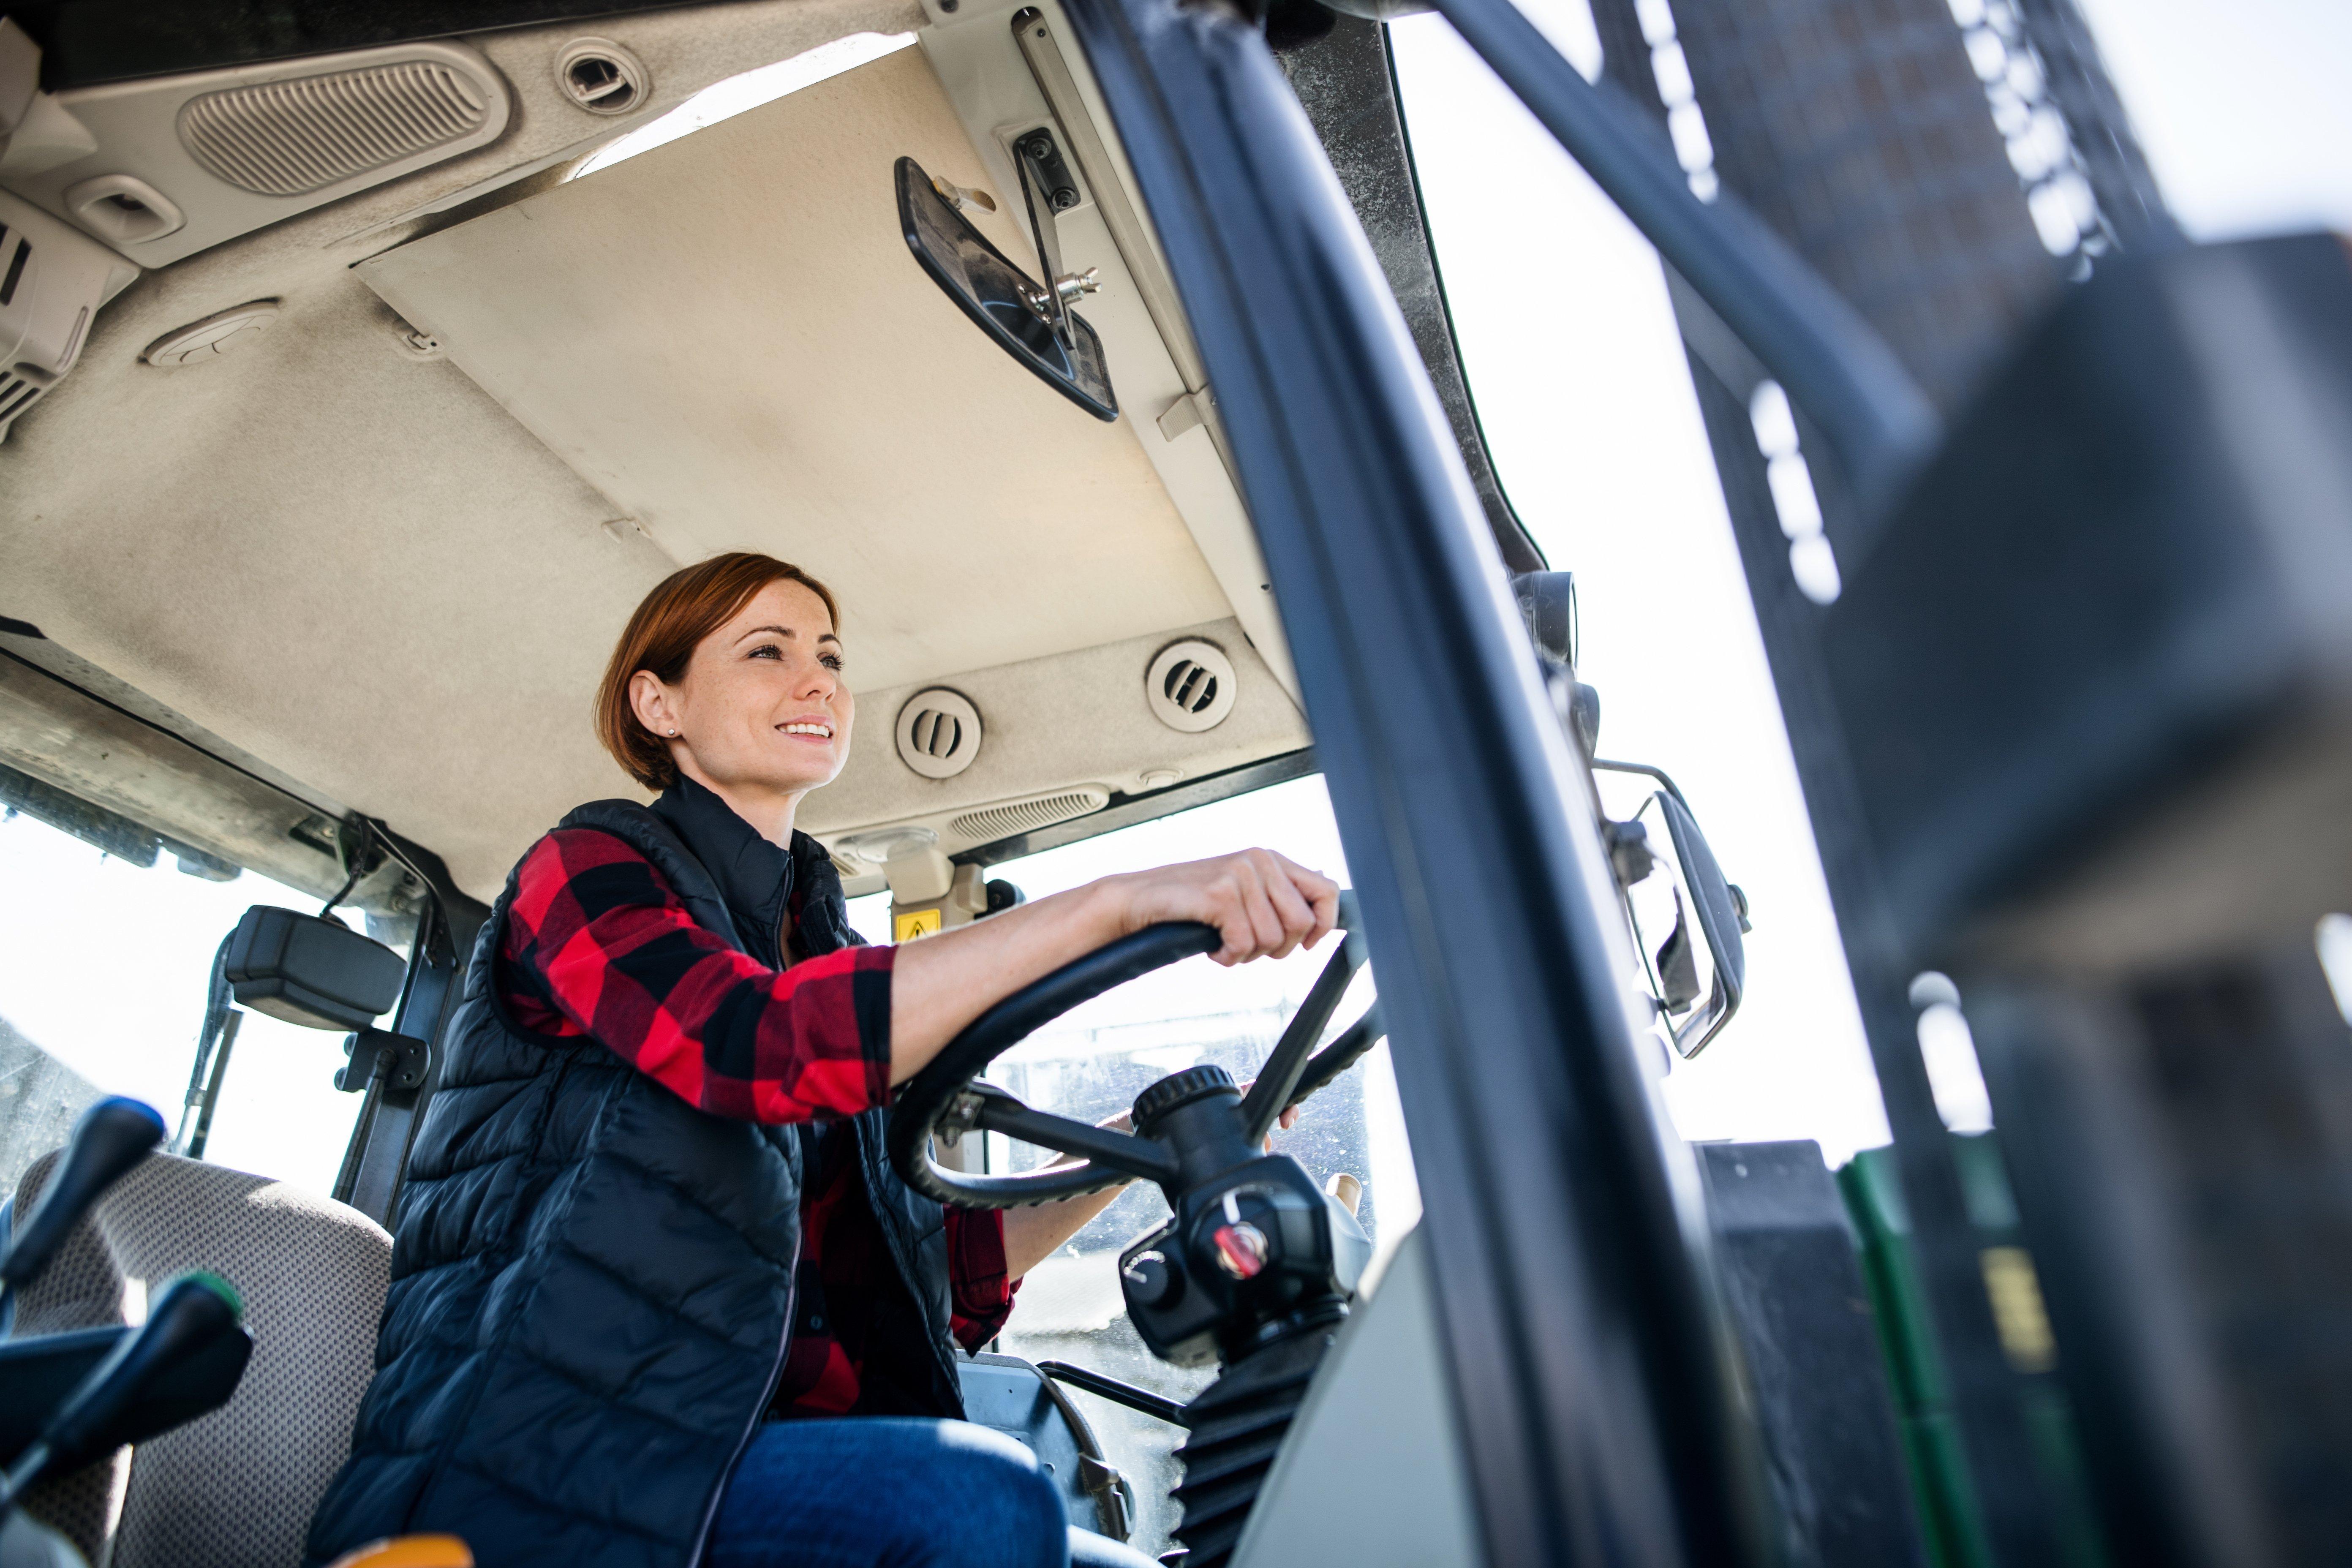 As mulheres já ocupam funções em todas as áreas do agronegócio